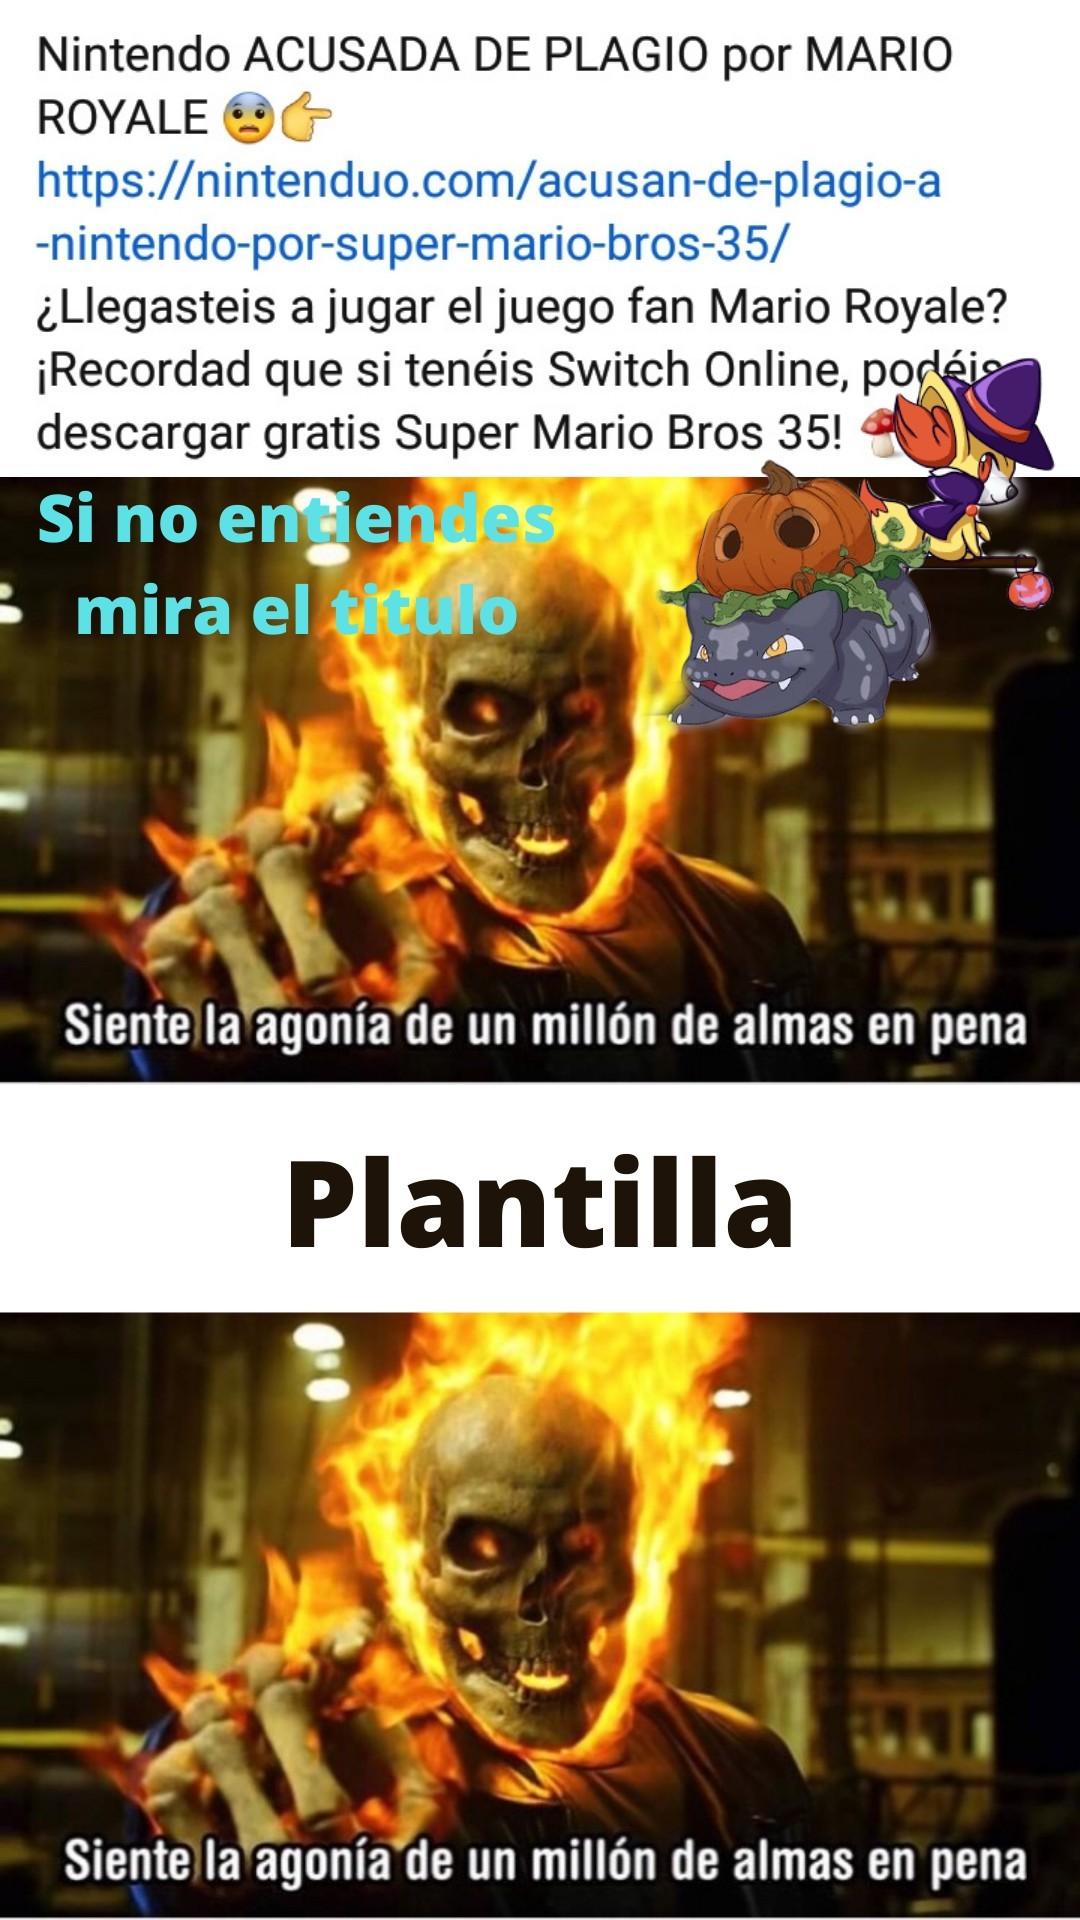 Mario royale era gratis y hecho en tributo y con amor a nintendo y el lo tiro, y super mario 35 ironicamente es lo mismo pero con online pagado,35 en vez de 60 y sin skins, y el creador los demando por plagiar su creación que demandaron por copyright - meme